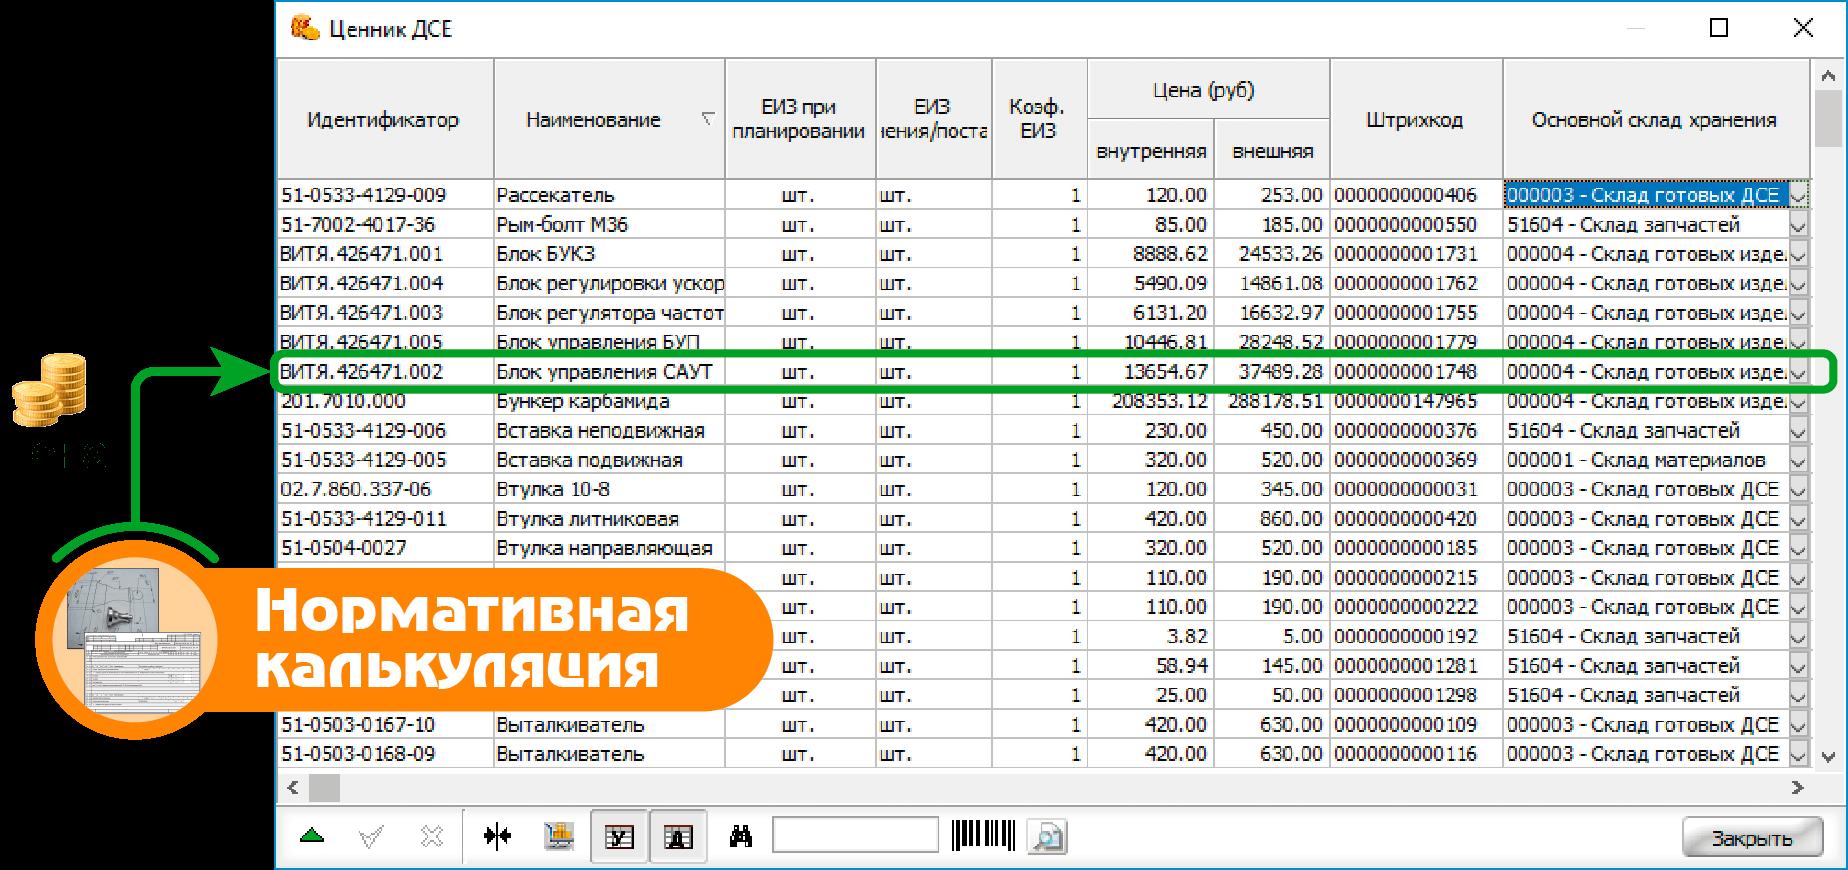 СПРУТ-ОКП планирование производства Экономика отчет по калькуляции норм .калк